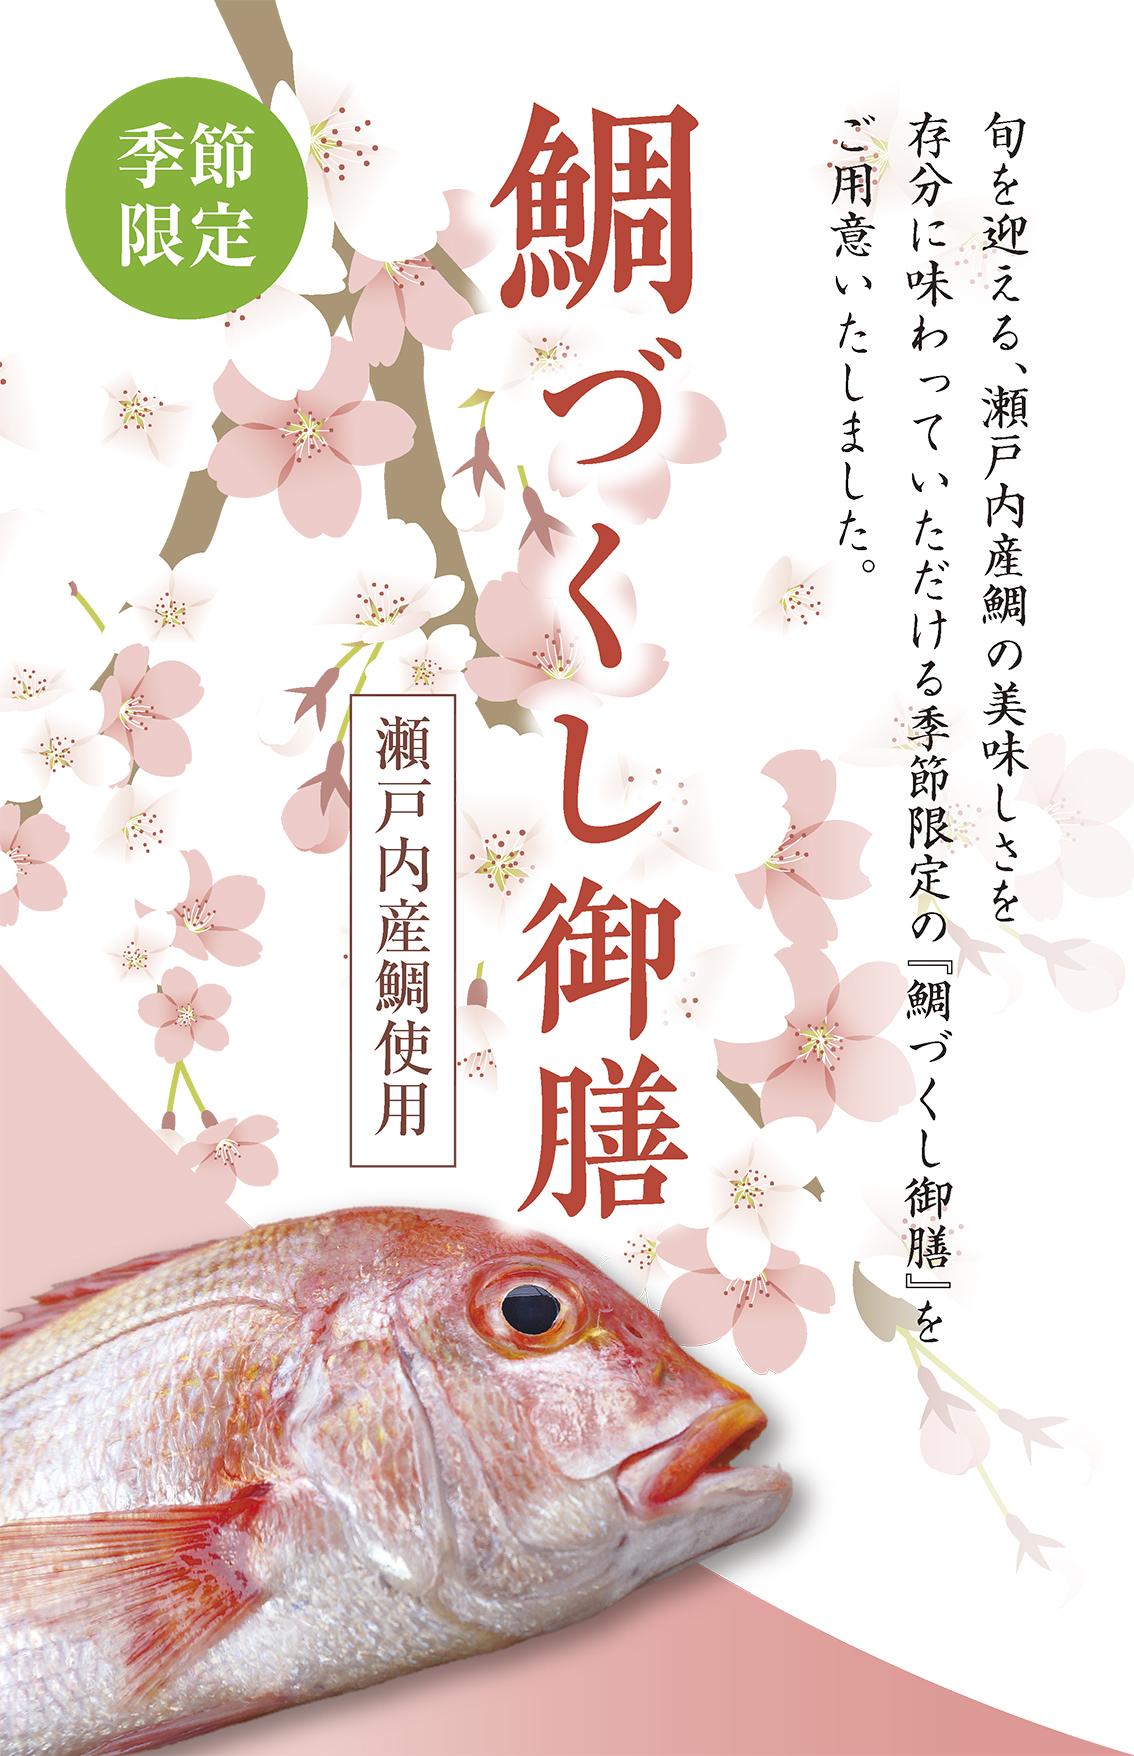 【イオンモール】季節限定 3/1〜『瀬戸内産鯛使用 鯛づくし御膳』登場!